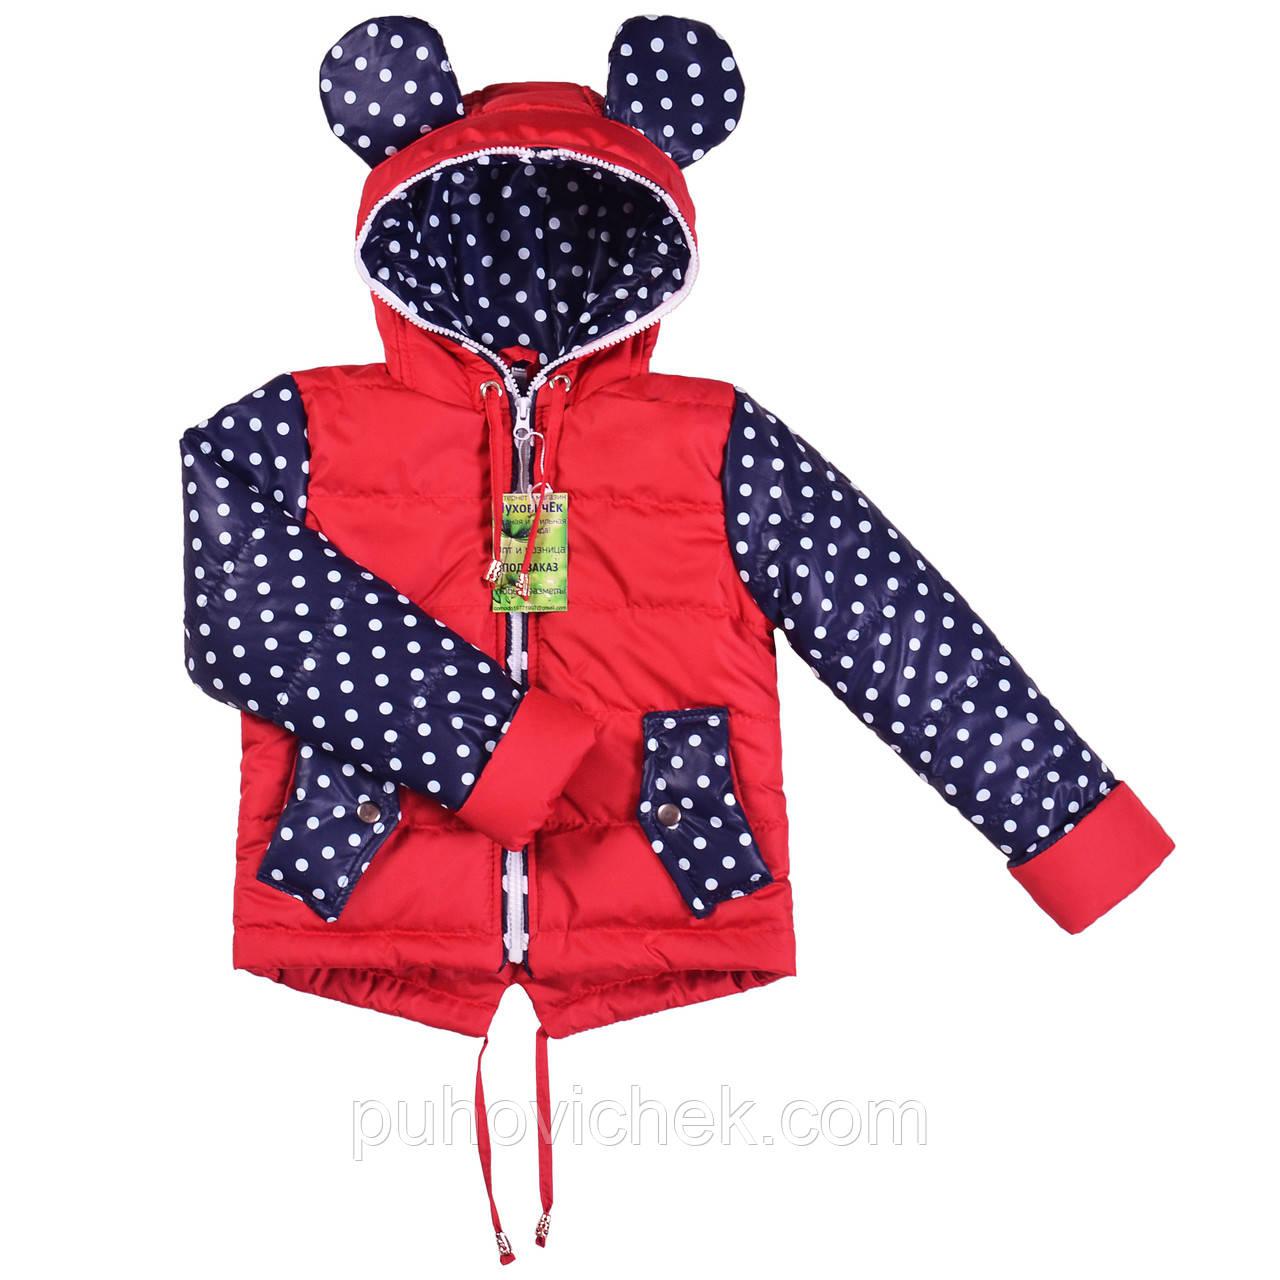 Модные куртки детские весенние для девочек